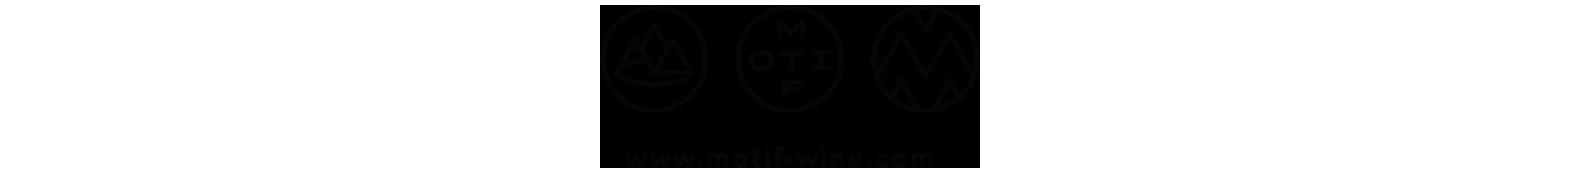 motif-21-1580x170